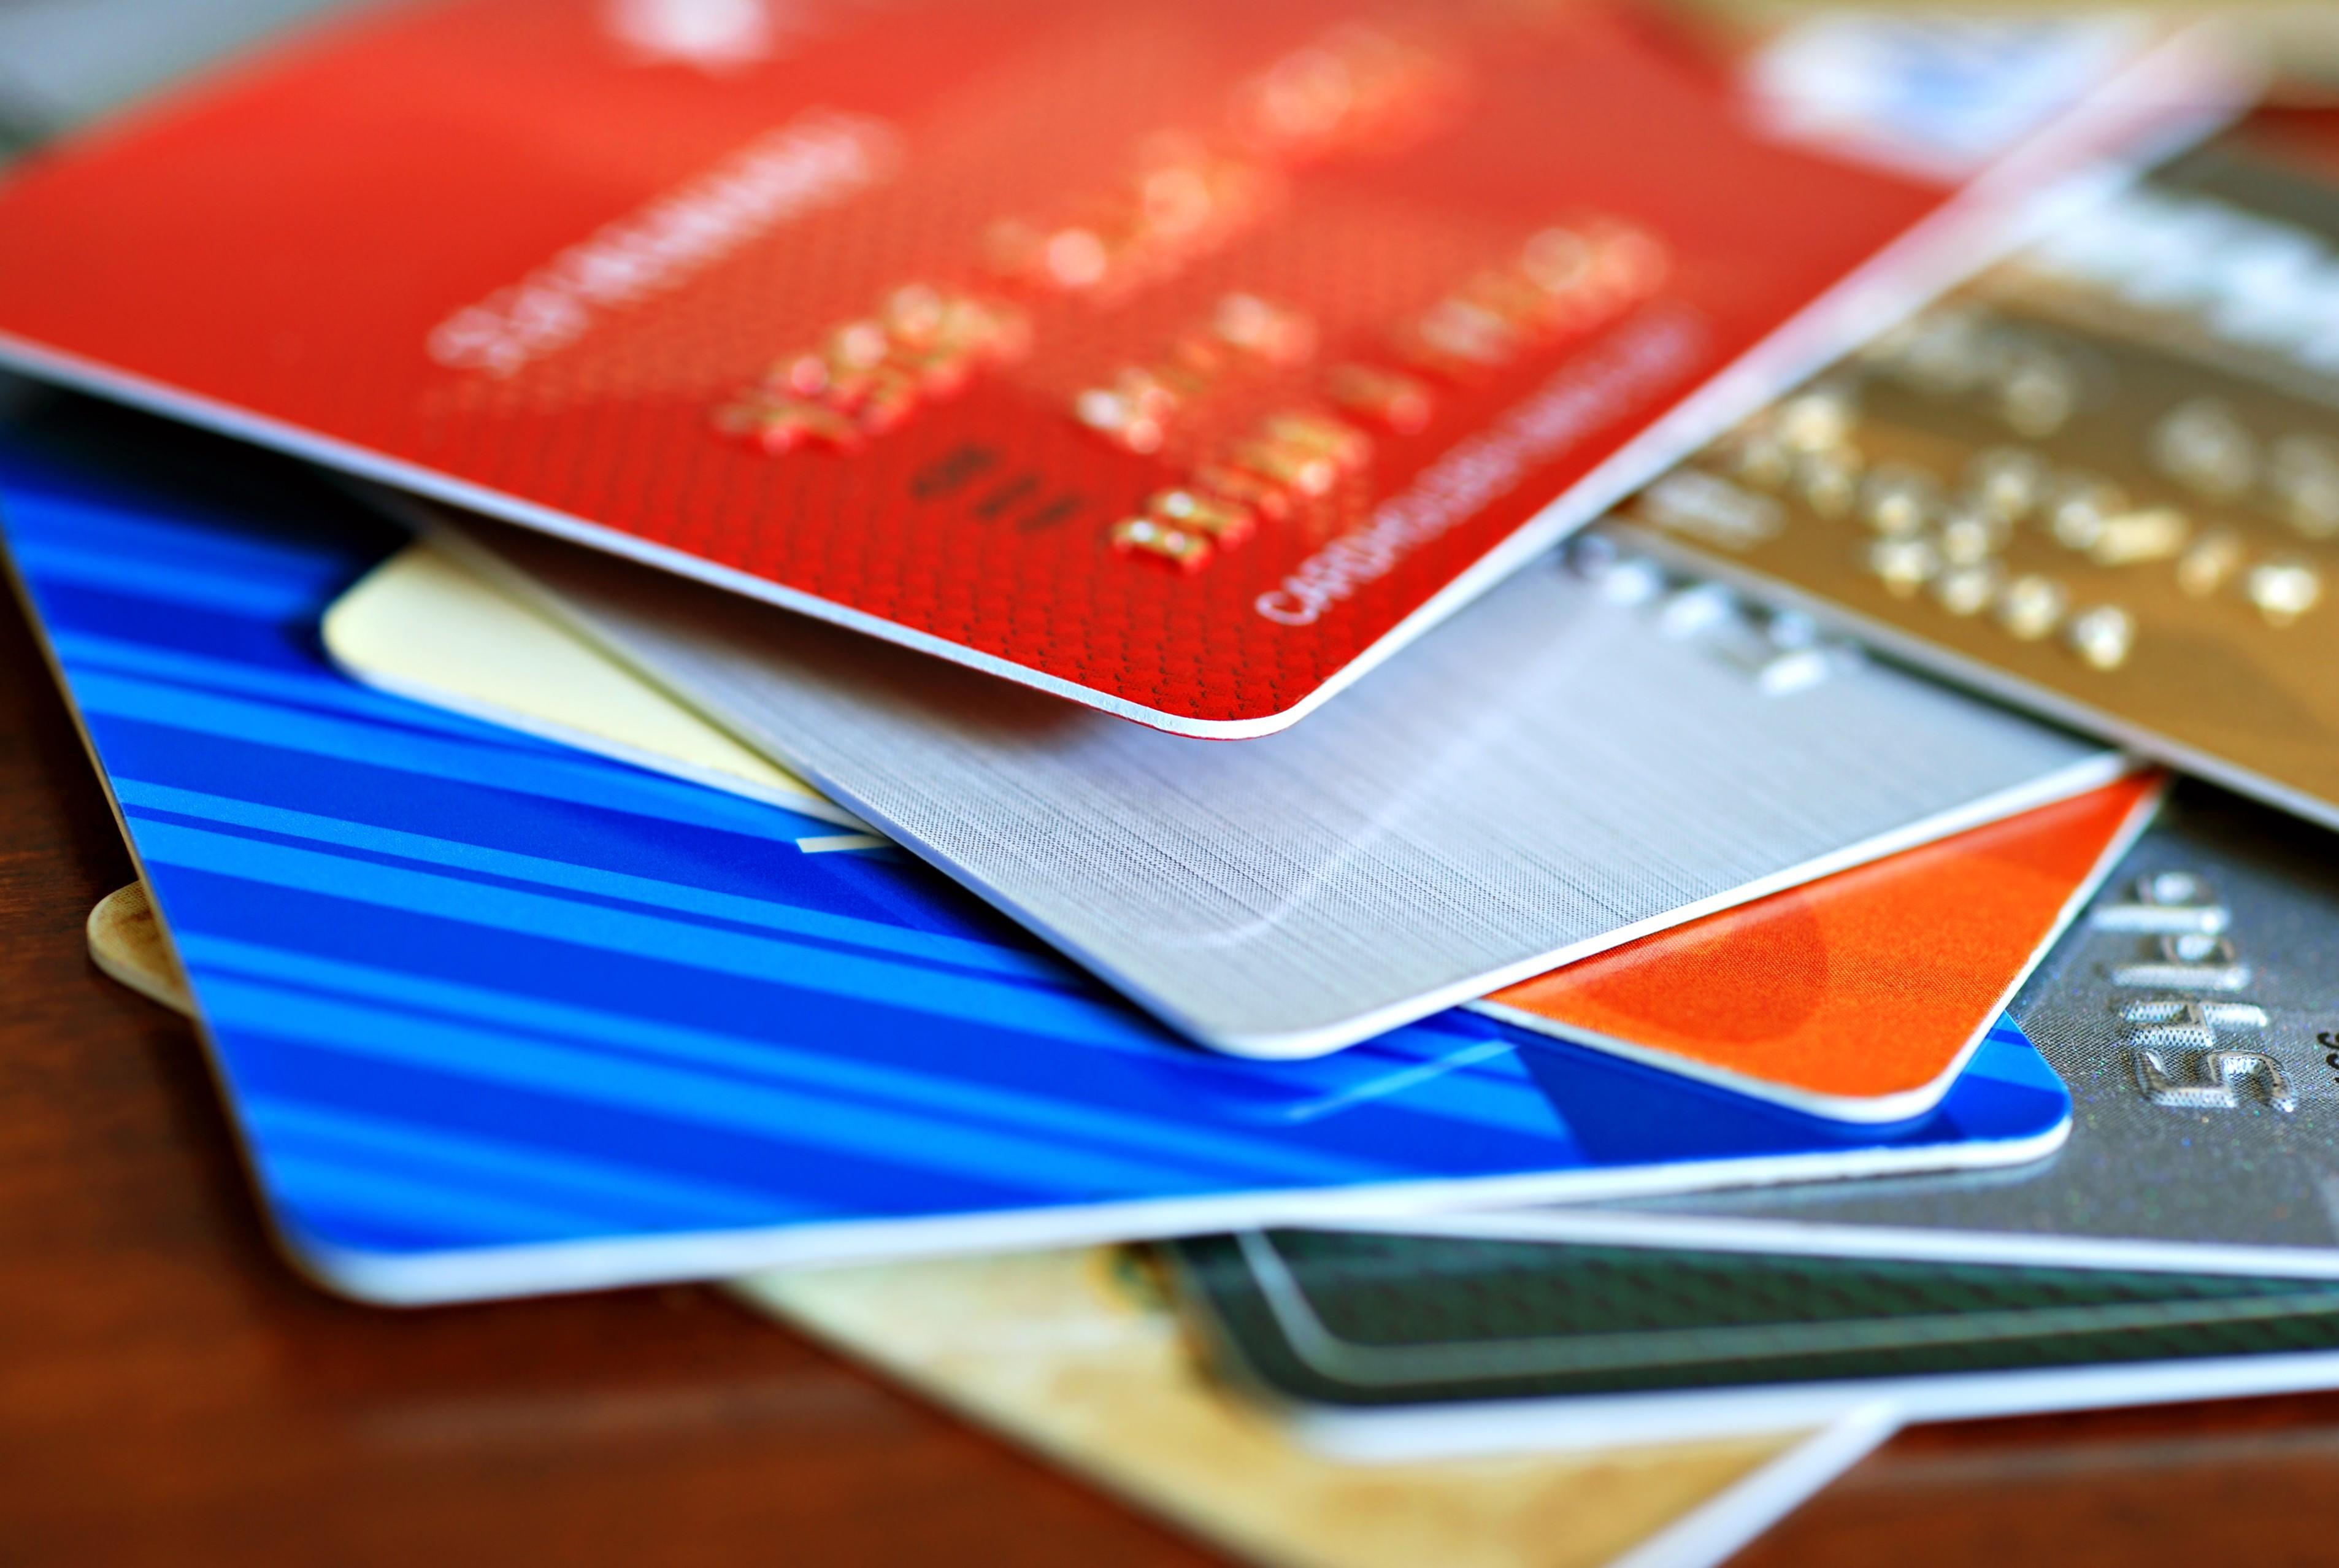 Кличко анонсировал оплату банковской картой в транспорте Киева с октября